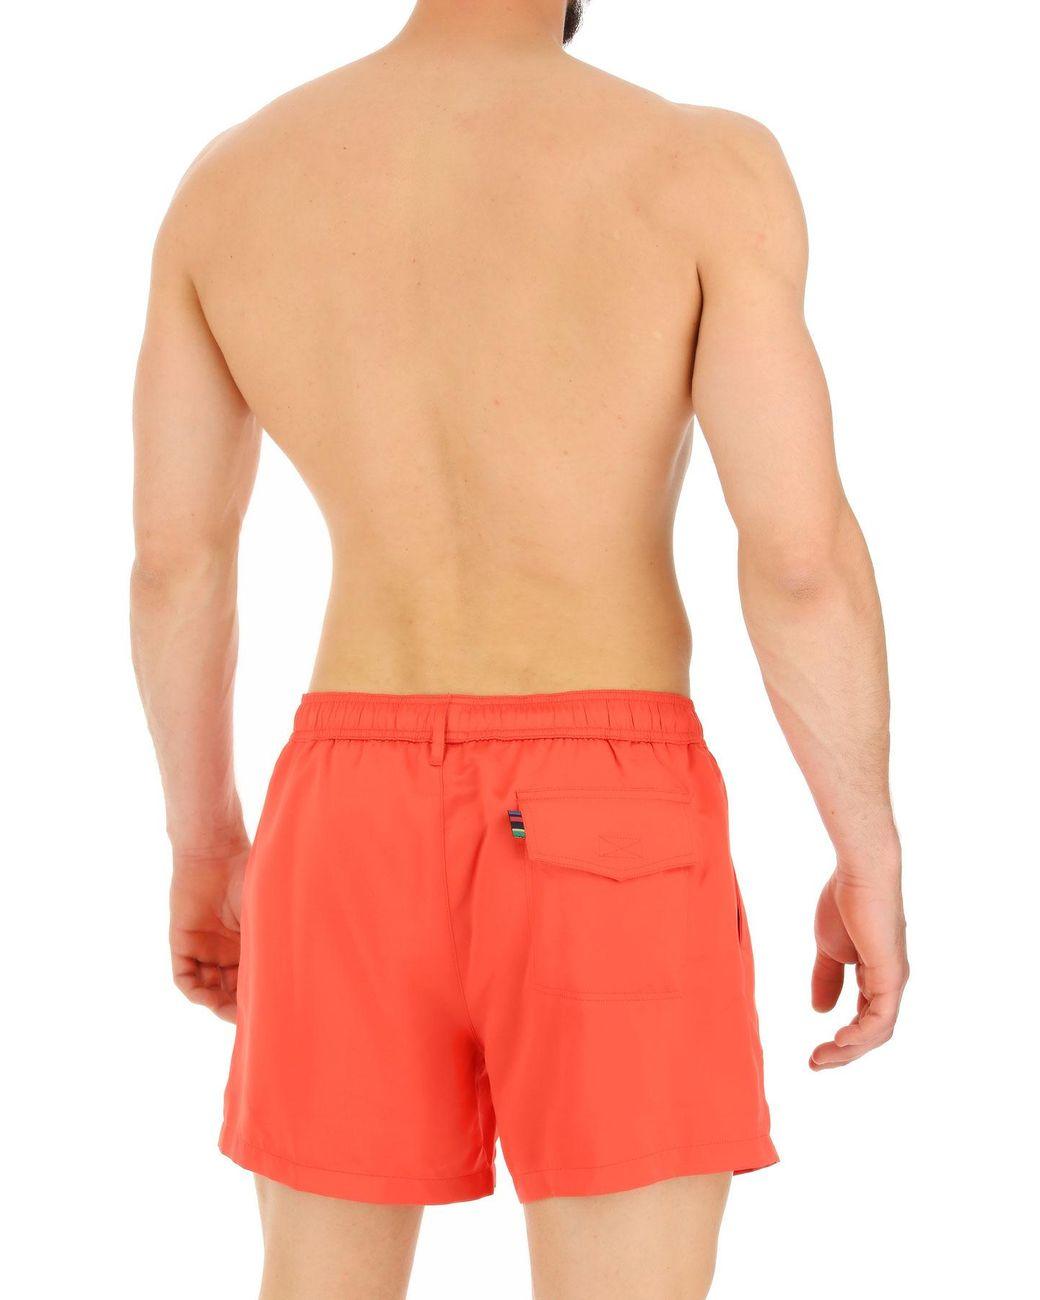 en hombre Lyst Smith baño para de Shorts rojo de color Paul 8OvnwN0m